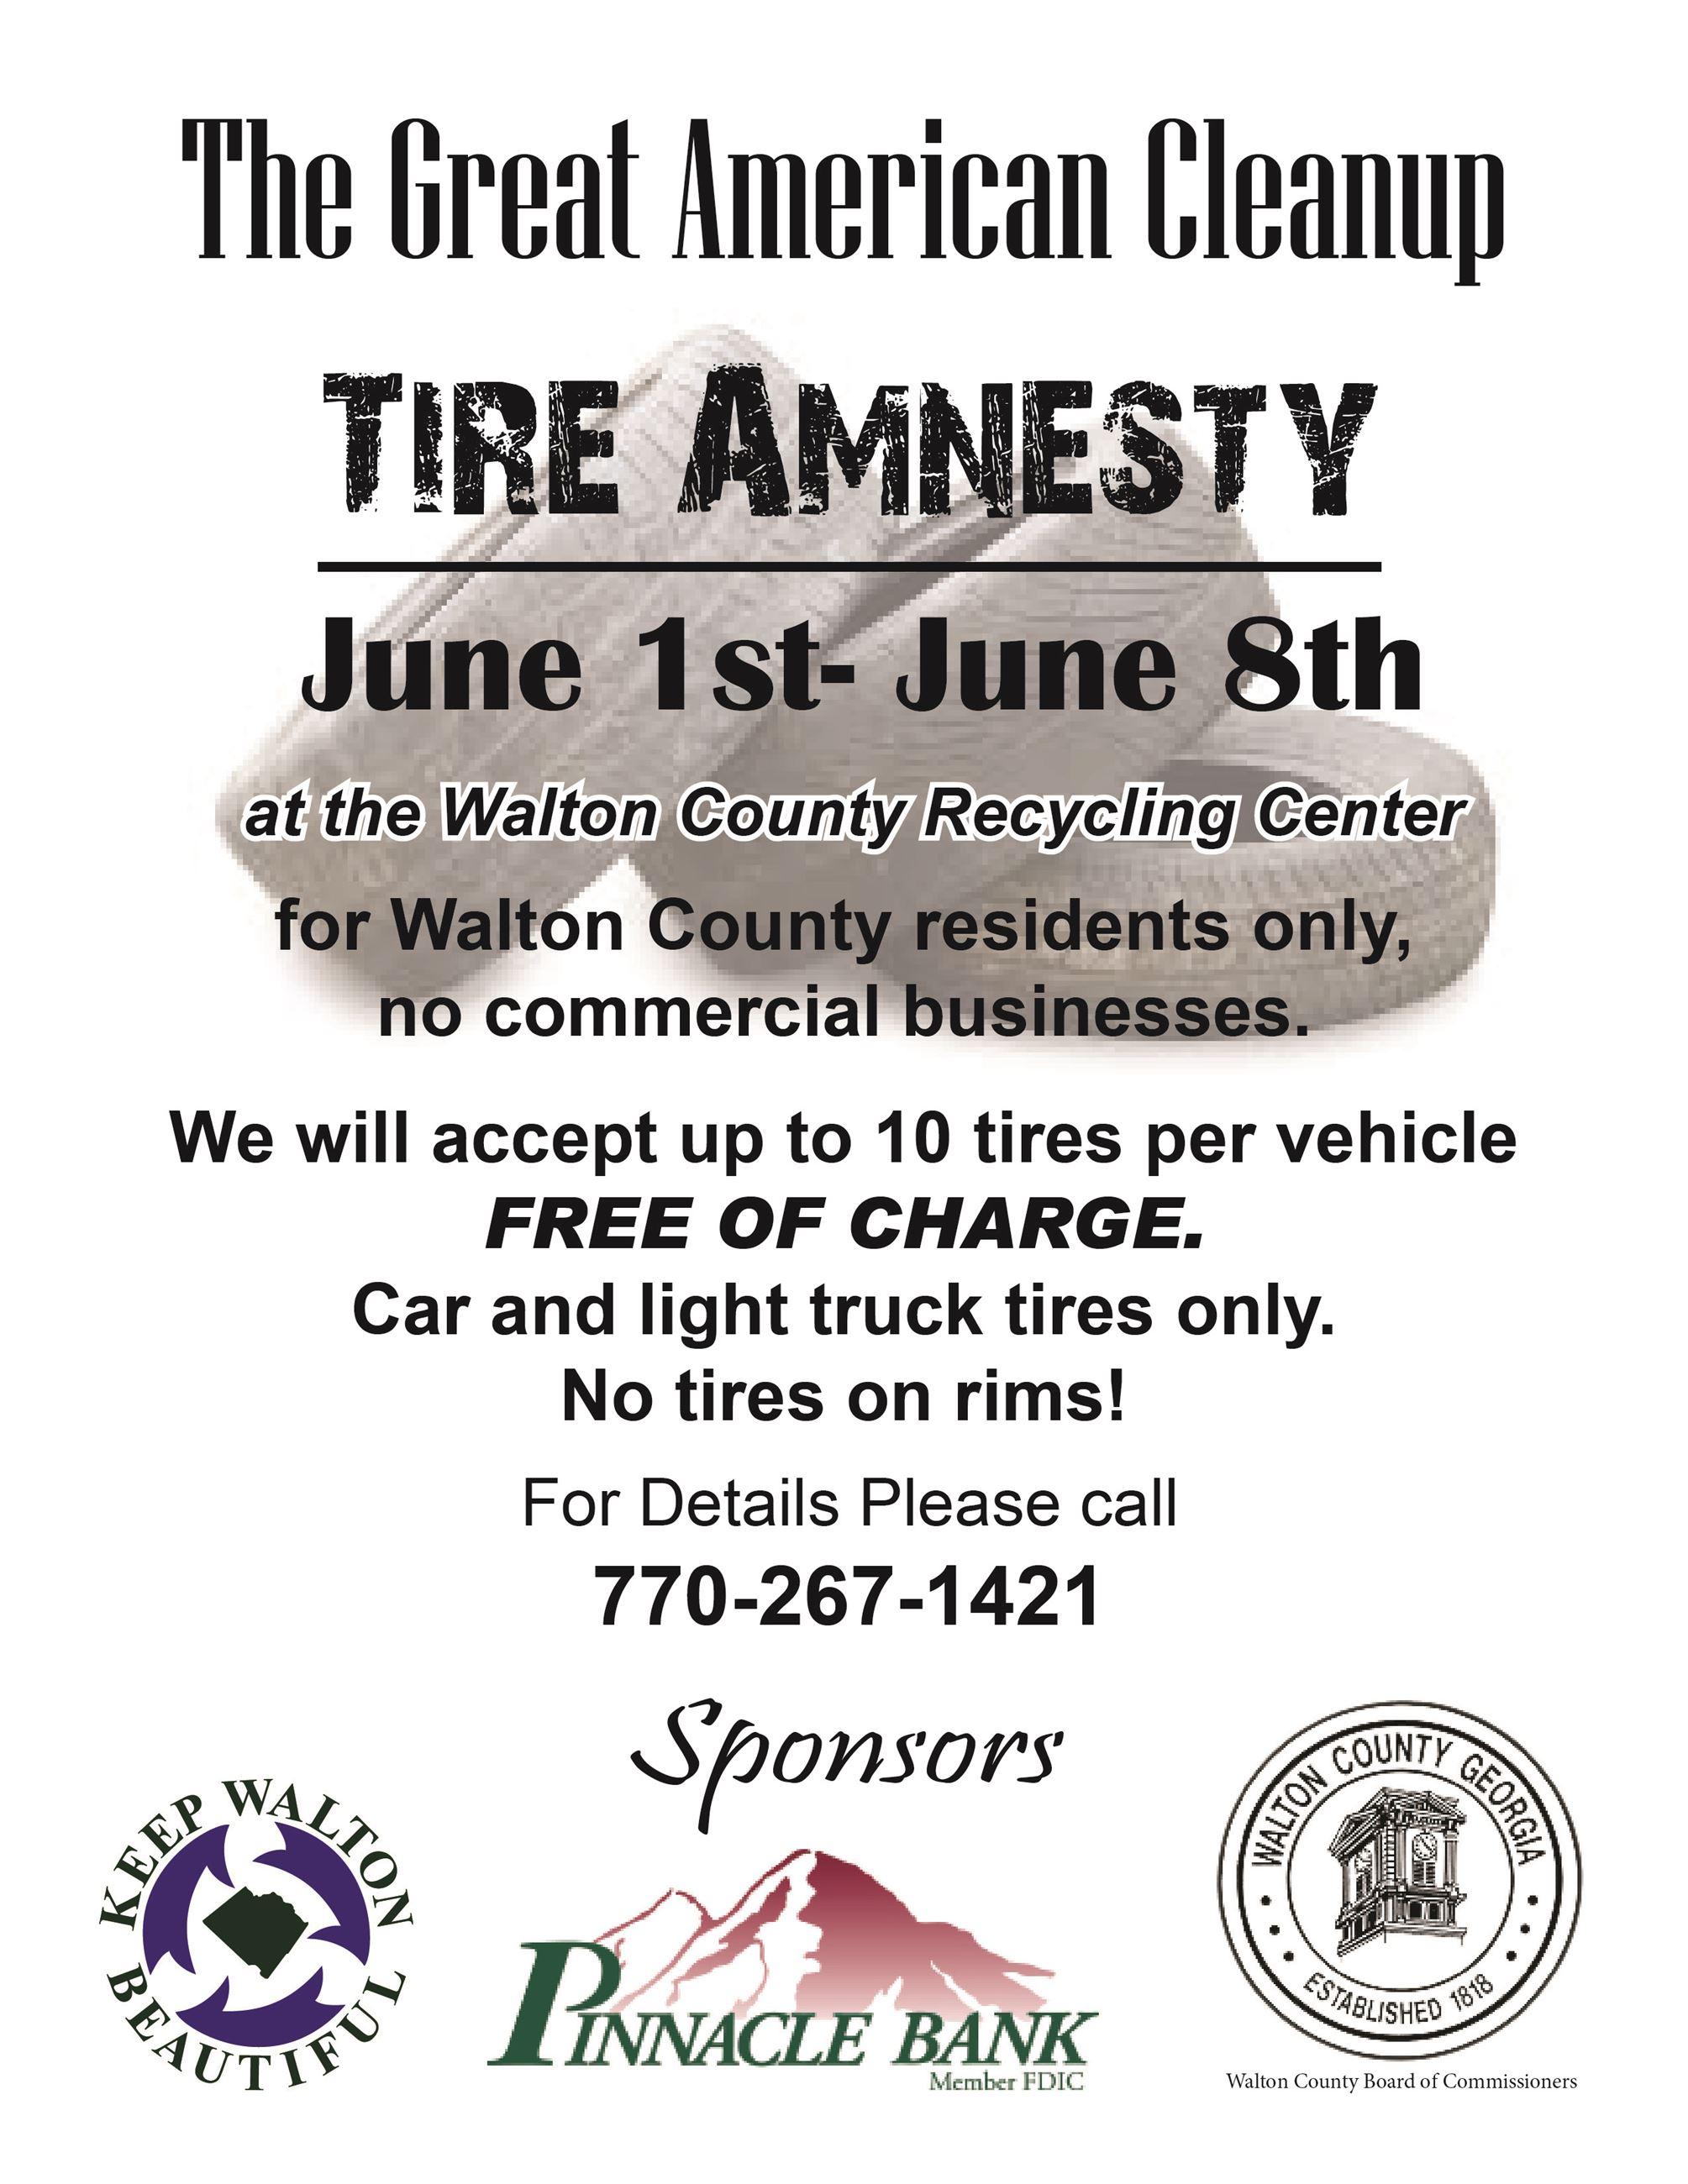 Keep Walton Beautiful & Recycling Center   Walton County, GA